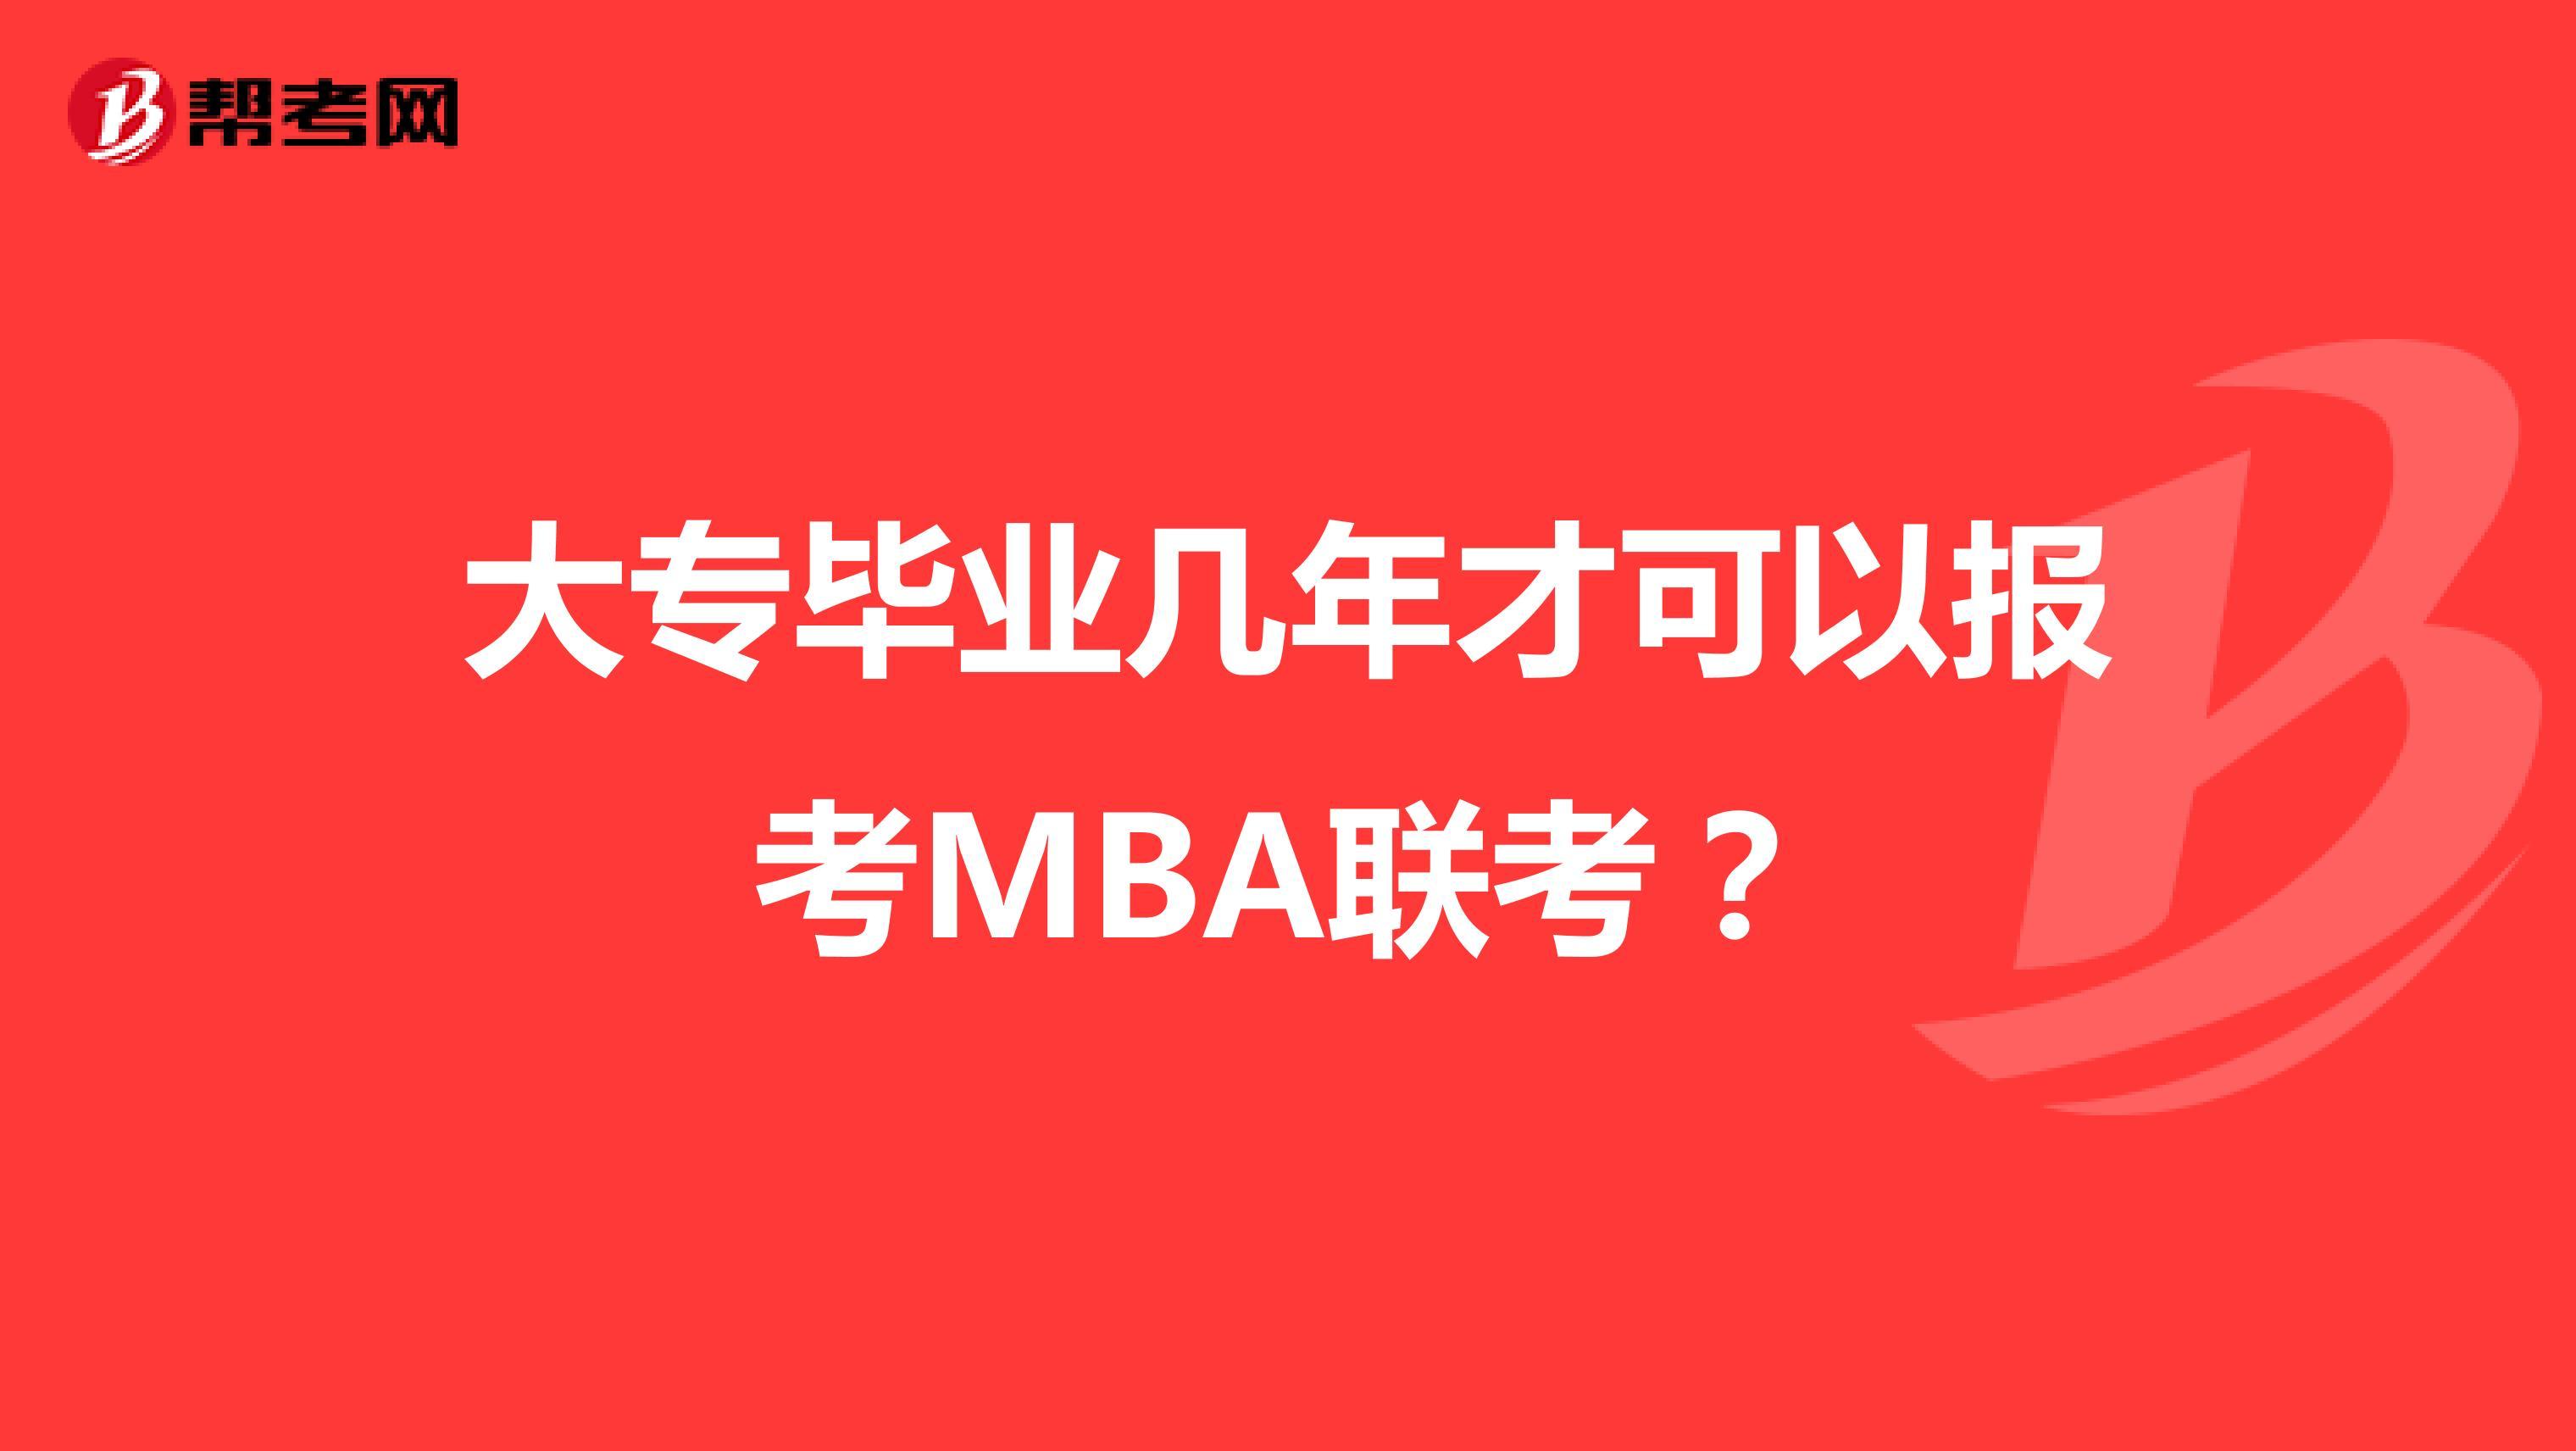 大专毕业几年才可以报考MBA联考?